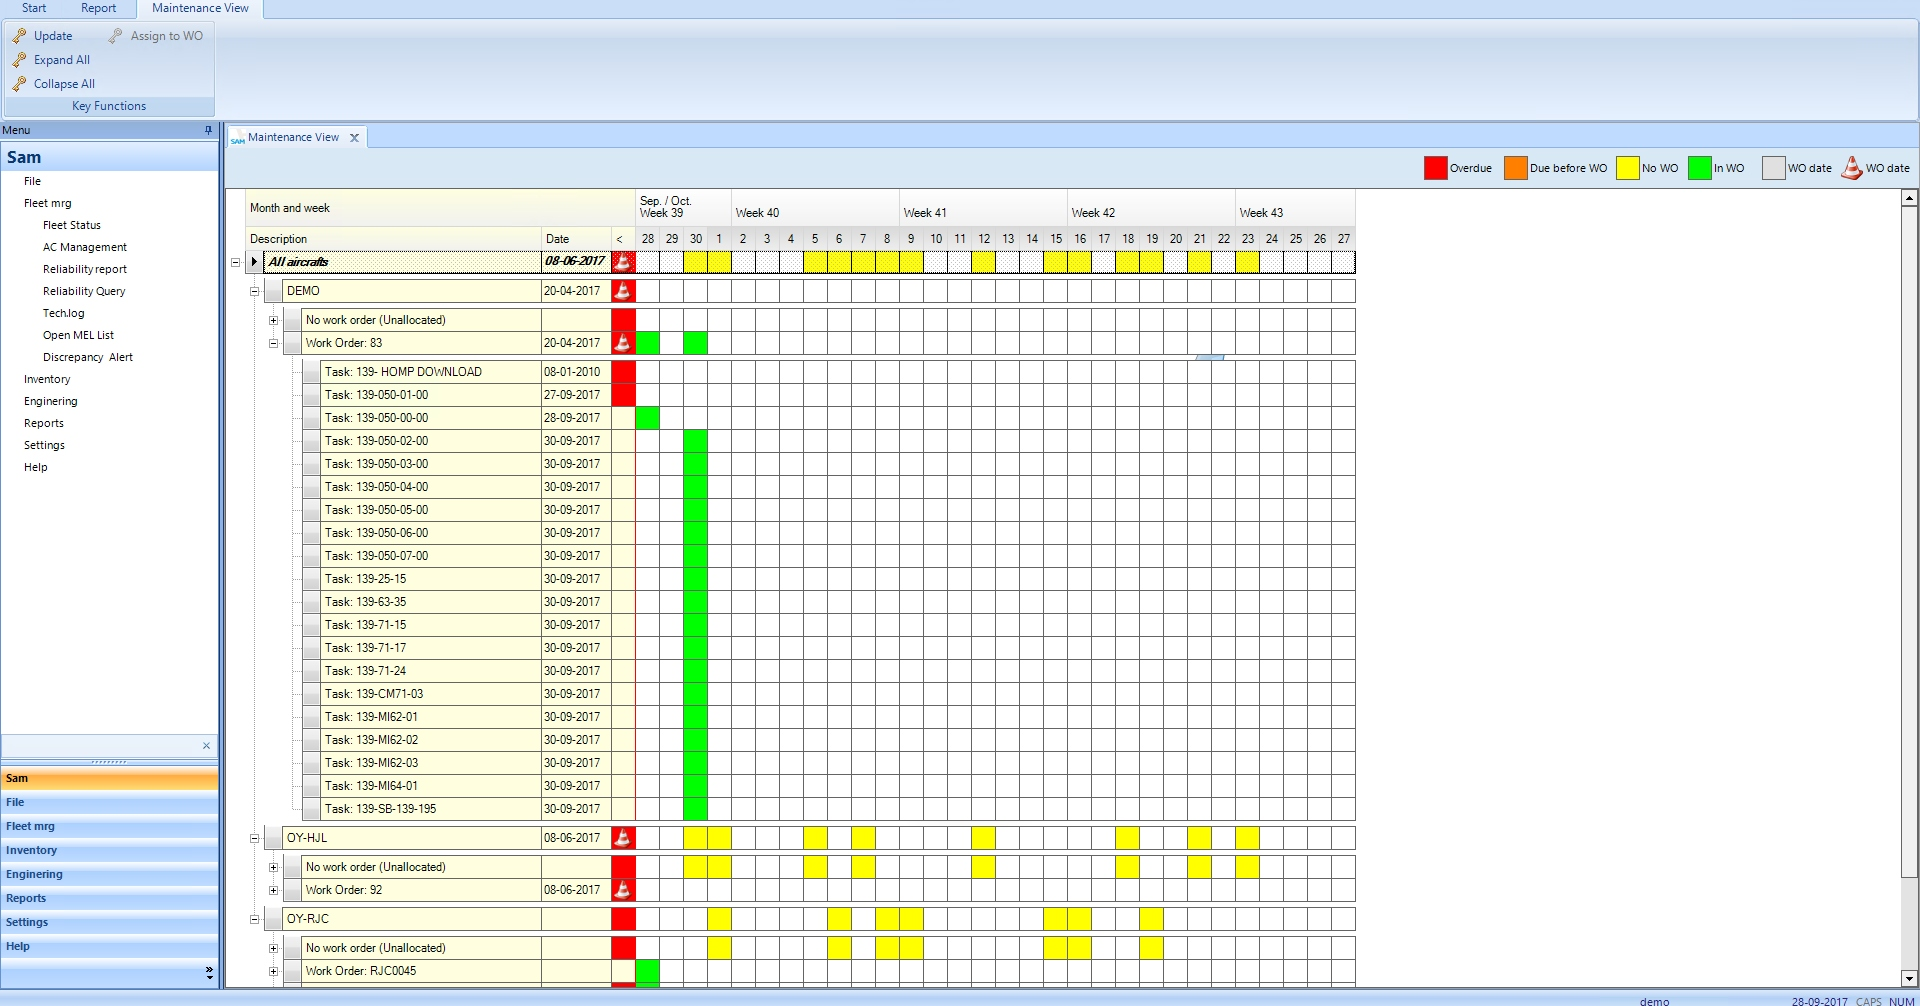 SAM Aviation Maintenance Software maintenance schedule screenshot